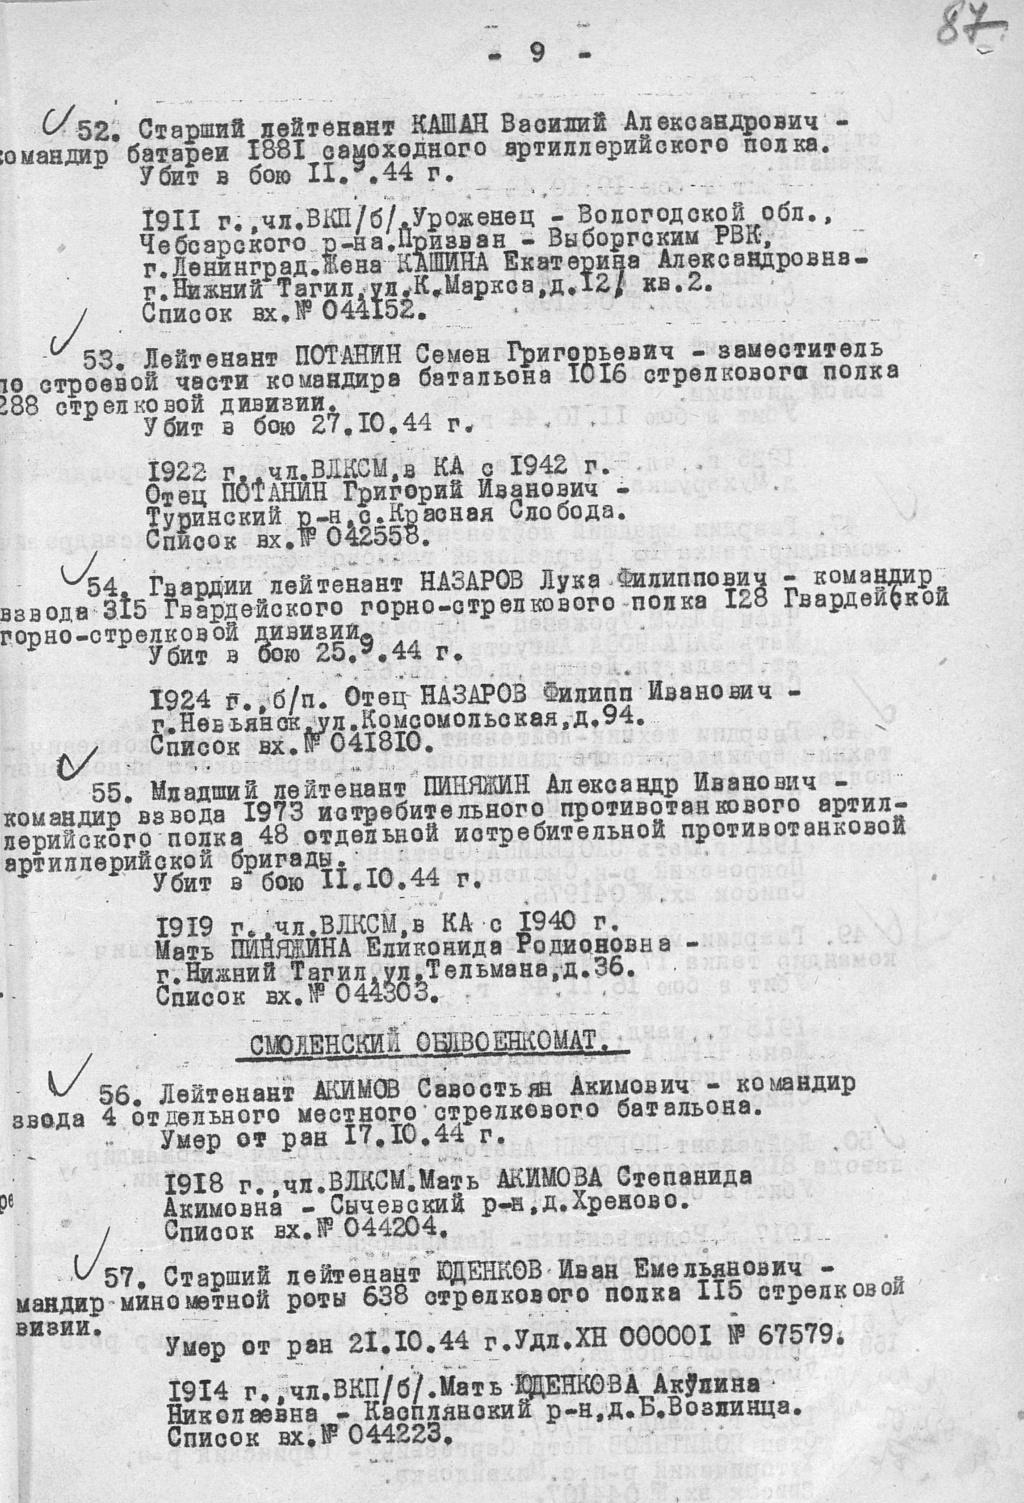 Захаренков (Захаренко) Федор Корнеевич, 08.03.1941 г., Белосток 00000118